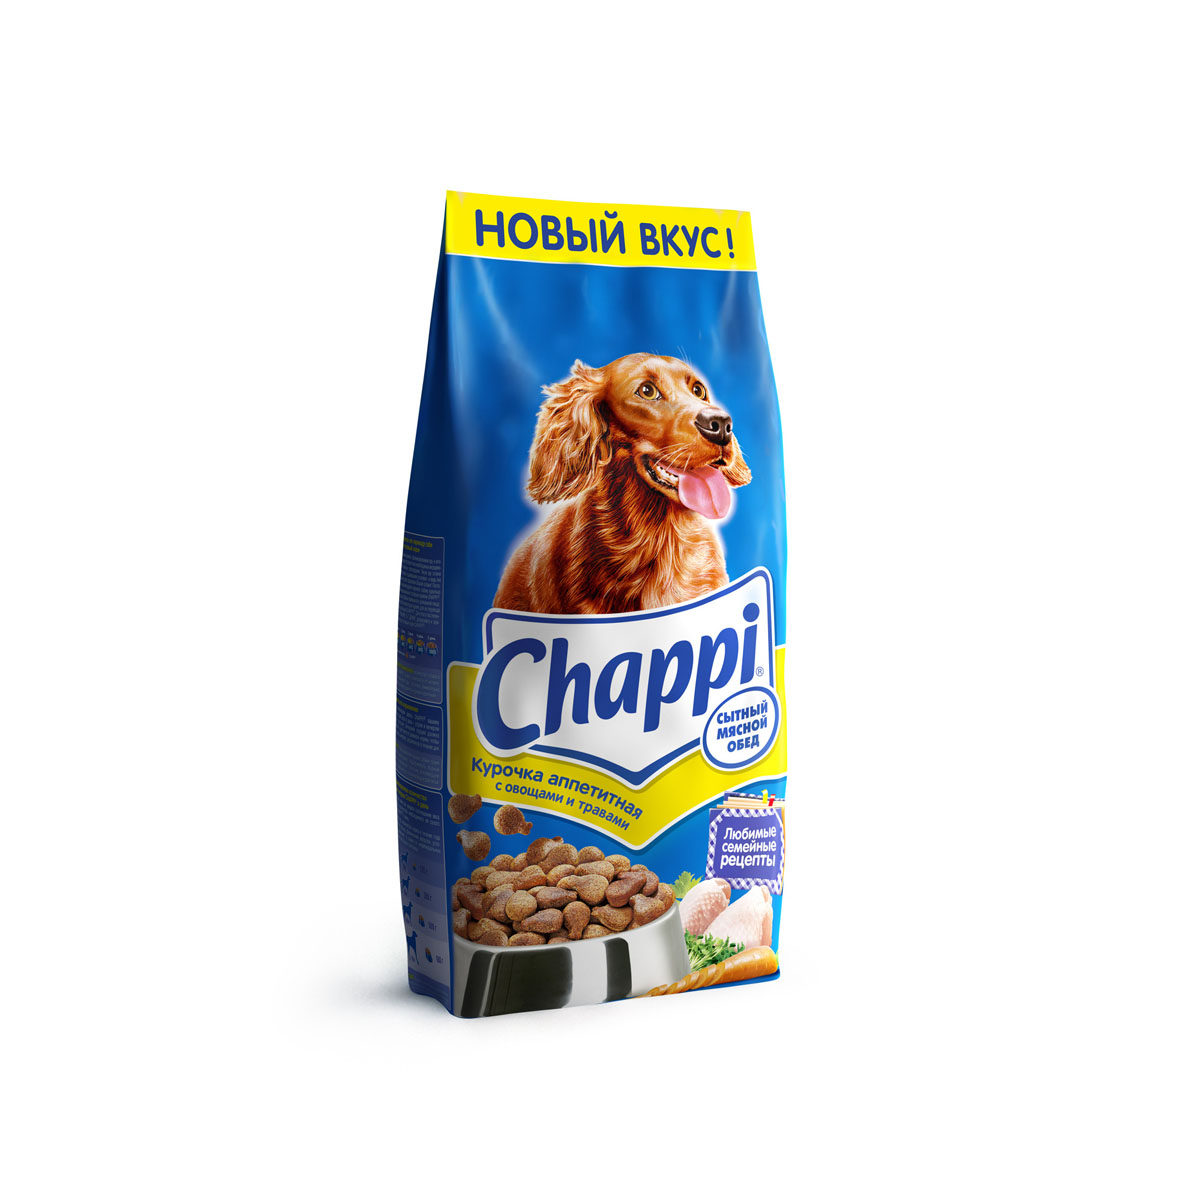 Корм сухой для собак Chappi Сытный мясной обед, курочка аппетитная, 15 кг0120710Сухой корм Chappi Сытный мясной обед - это специально разработанная еда для собак с оптимально сбалансированным содержанием белков, витаминов и микроэлементов.Уникальная формула Chappi включает в себя все необходимые для здоровья компоненты: - мясо - для силы и энергии в течение дня; - овощи, травы и злаки - для отличного пищеварения; - масла и жиры - для блестящей шерсти и здоровой кожи; - кальций - для крепких зубов и костей; - витамины - для защиты здоровья; - минералы - для подержания собаки в оптимальной форме.Корм Chappi идеально подходит для вашего любимца как надежный источник жизненных сил. Состав: злаки, мясо и субпродукты, жиры животного происхождения, морковь, люцерна, растительные масла, минеральные вещества, витамины.Пищевая ценность в 100 г: белок - 18 г, жиры - 10 г, клетчатка - 7 г, влажность - не более 10 г, зола - 7 г, кальций - 0,8 г, фосфор - 0,6 г, витамин А - 500 МЕ, витамин D - 50 МЕ, витамин Е - 8 мг, витамины В2, В12, пантотеновая и никотиновая кислоты.Энергетическая ценность в 100 г: 350 ккал.Вес: 15 кг.Товар сертифицирован.